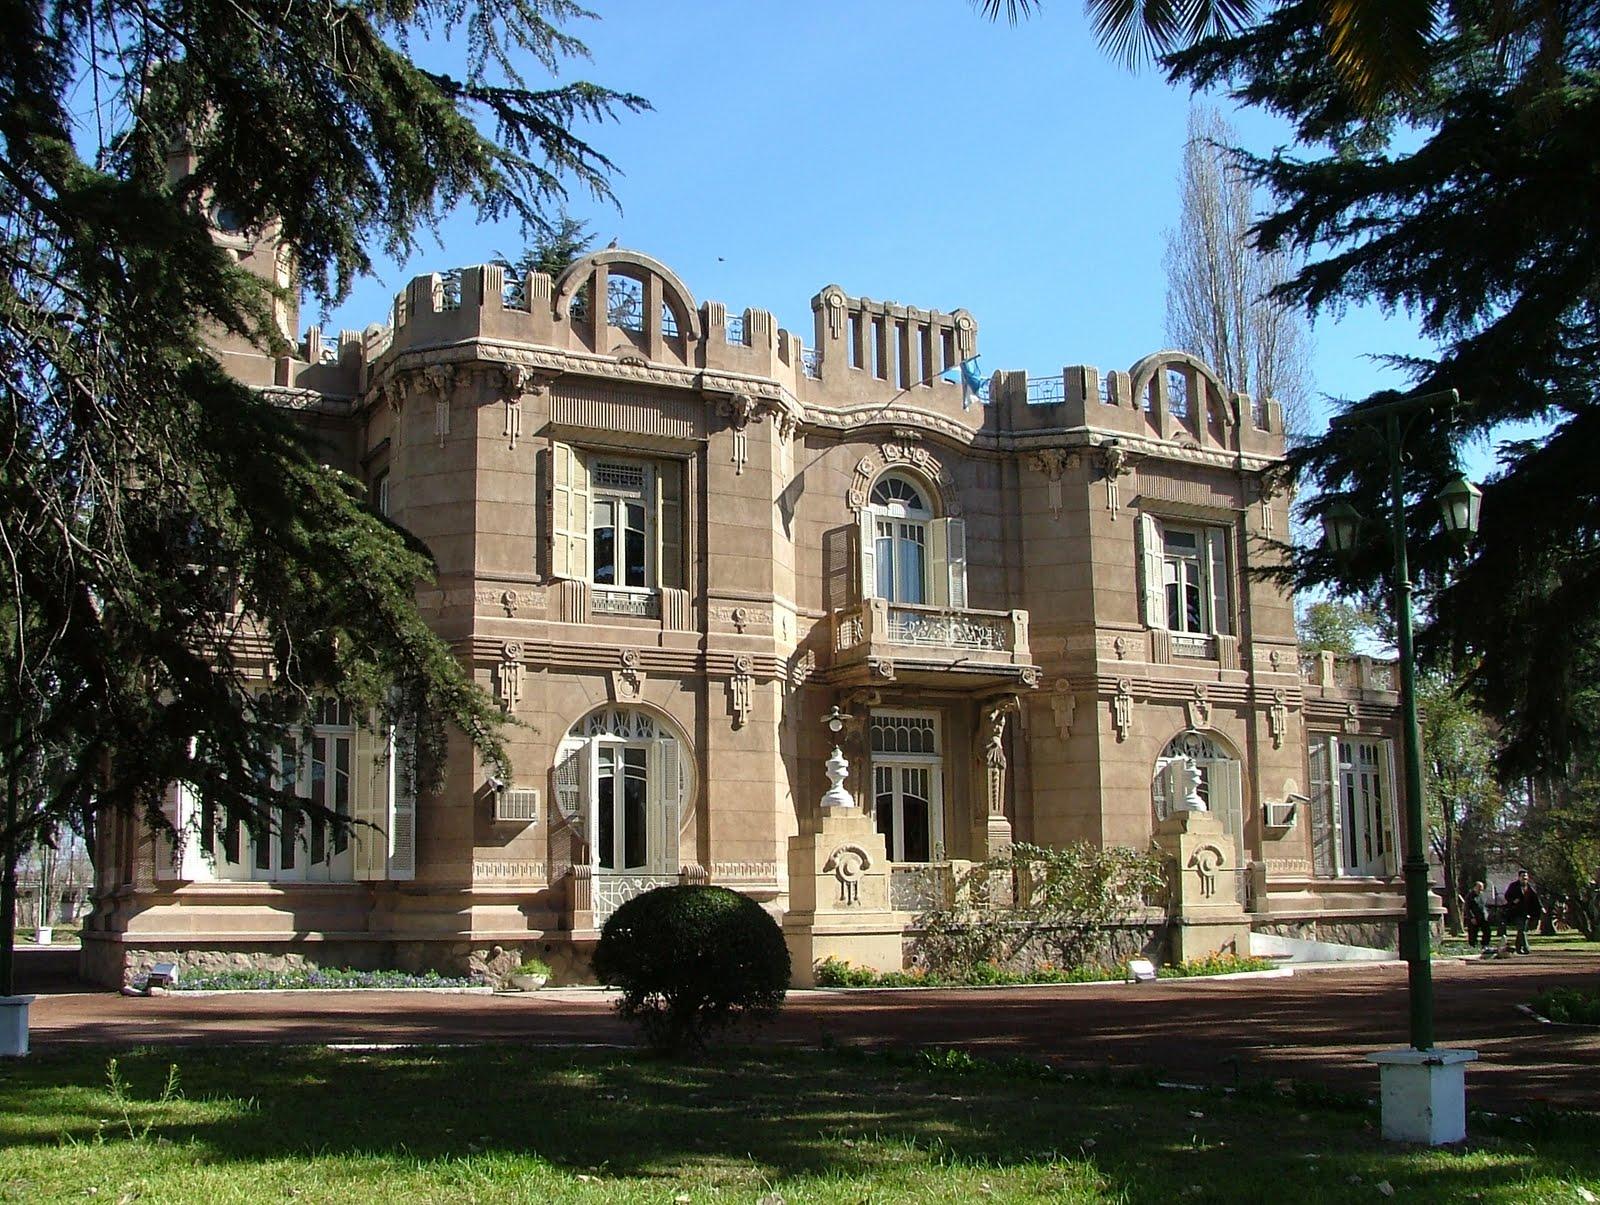 El Museo del Vino en Mendoza